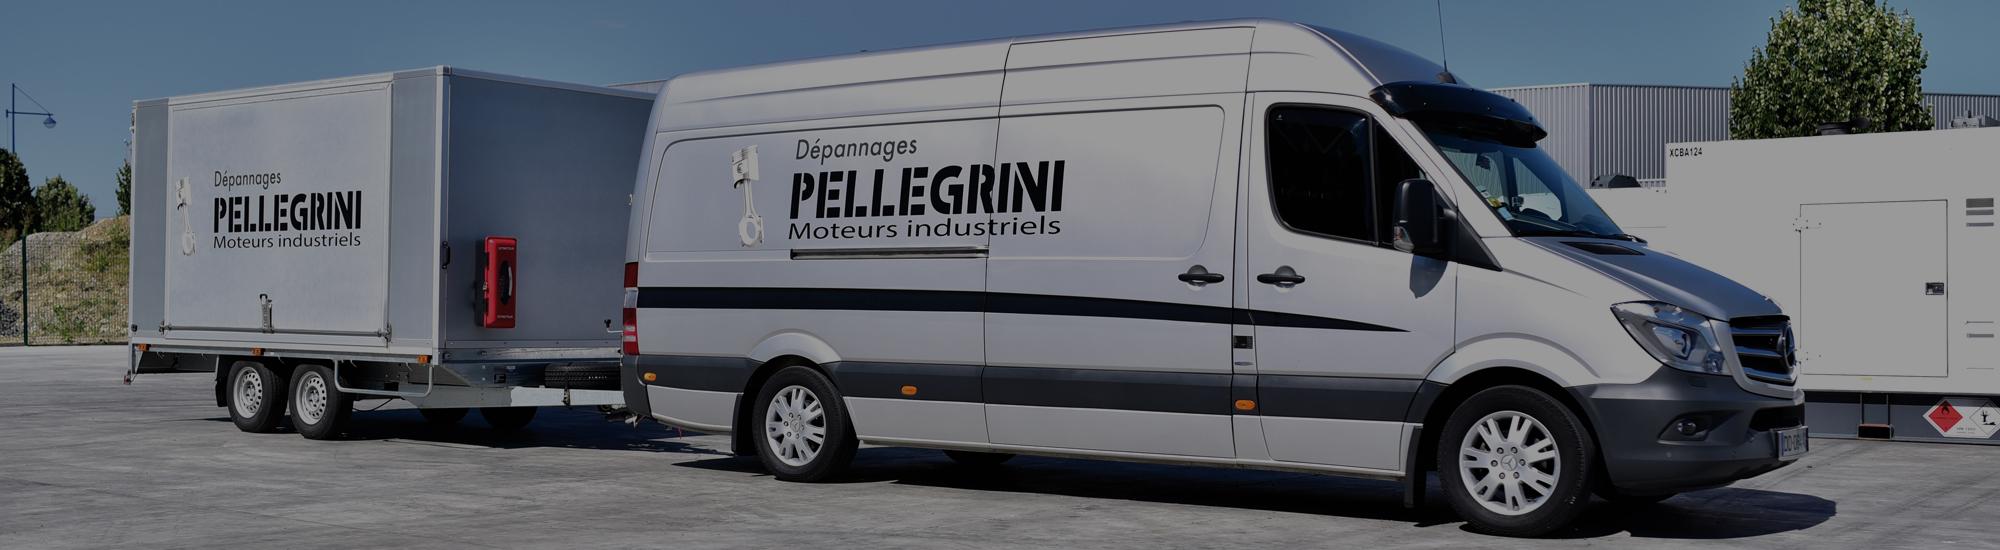 Pellegrini Energie déplacement